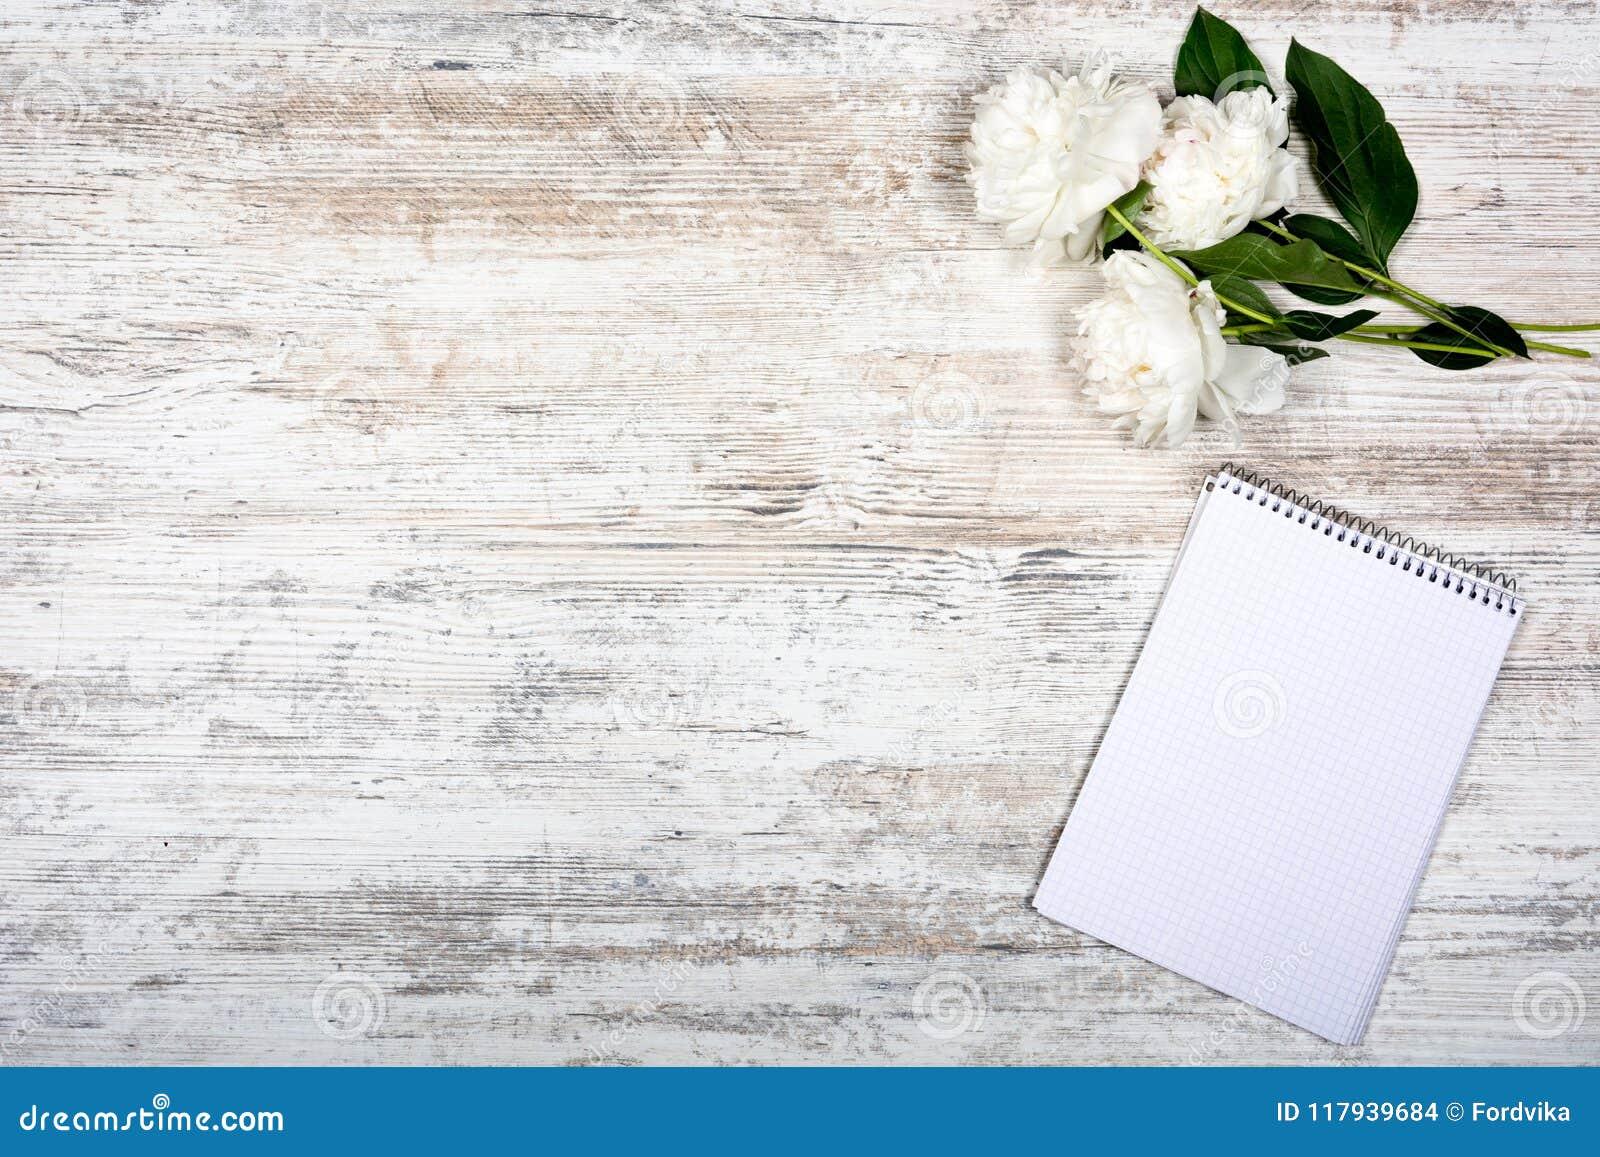 Pivoine blanche et bloc-notes pour des entrées dans une cage, se trouvant sur une vieille table légère, mocap, vue plate, romane,